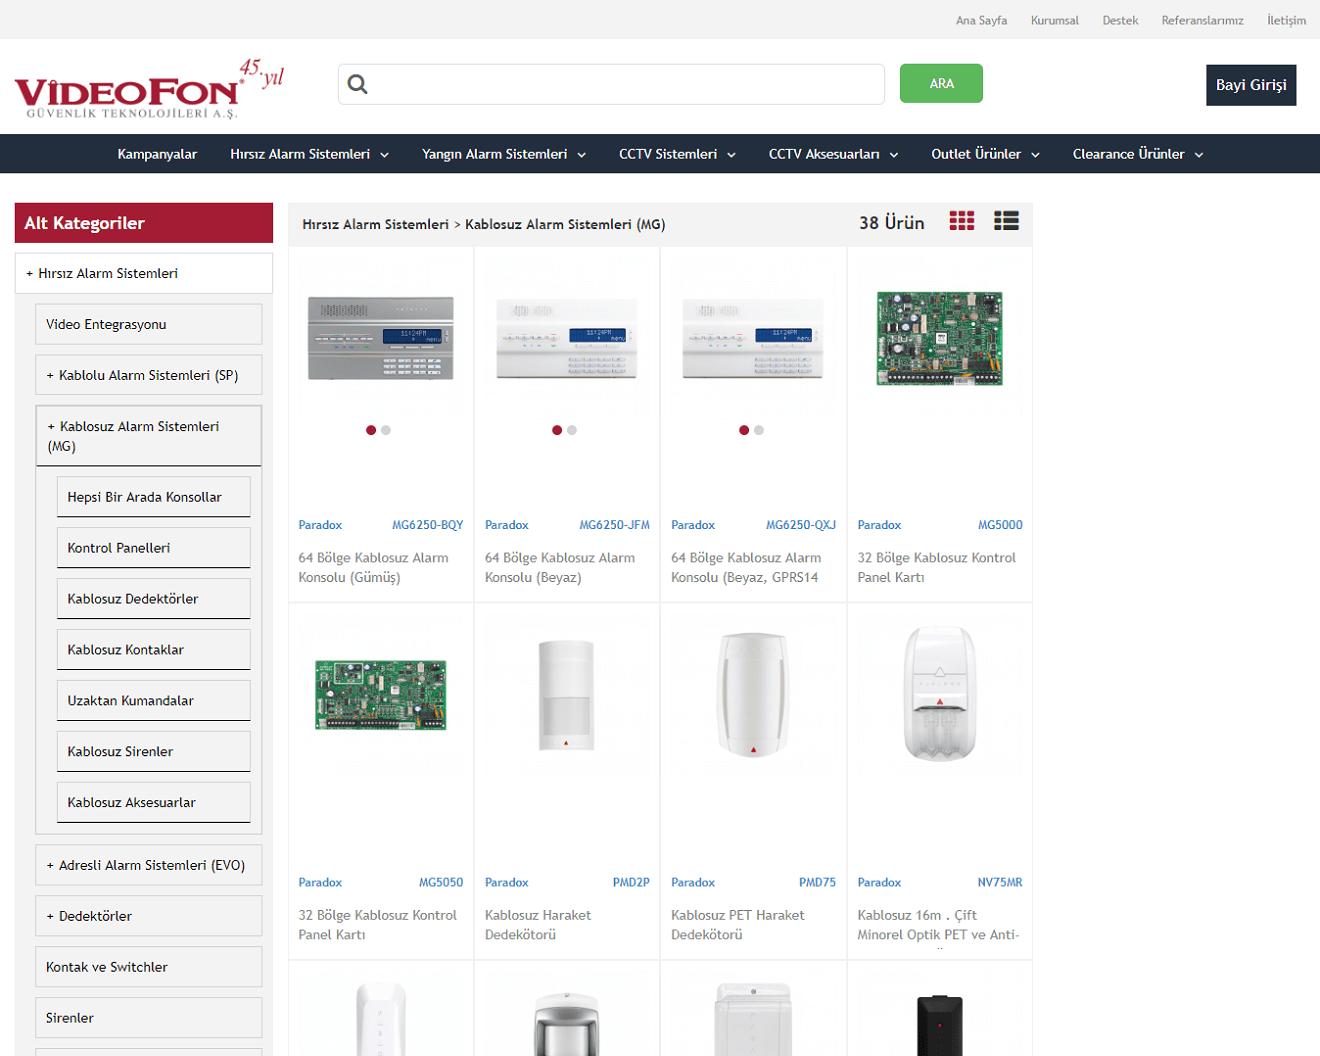 videofon.com.tr